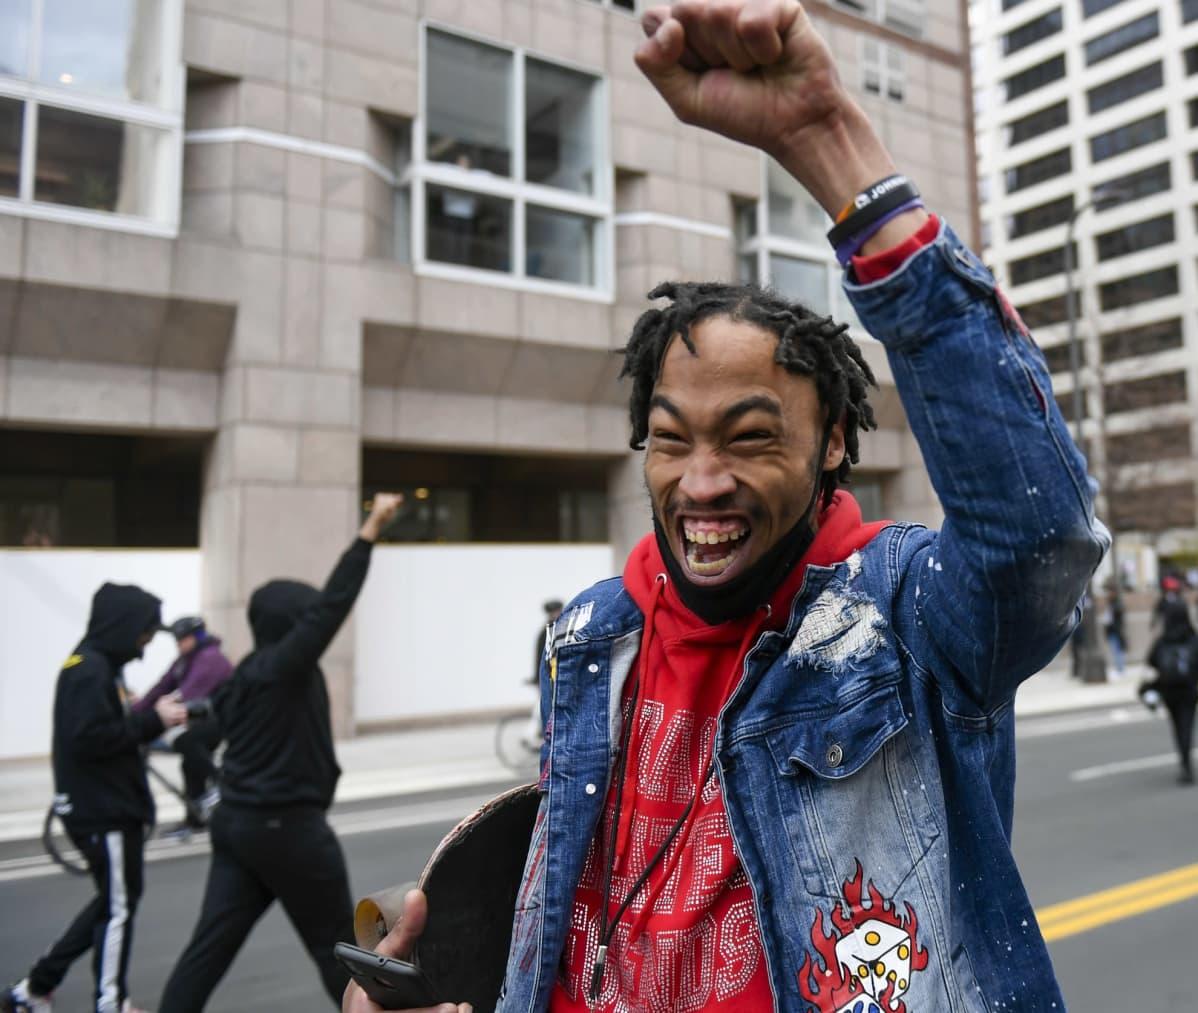 Mies iloitsi Minneapolisin oikeustalon ulkopuolella.